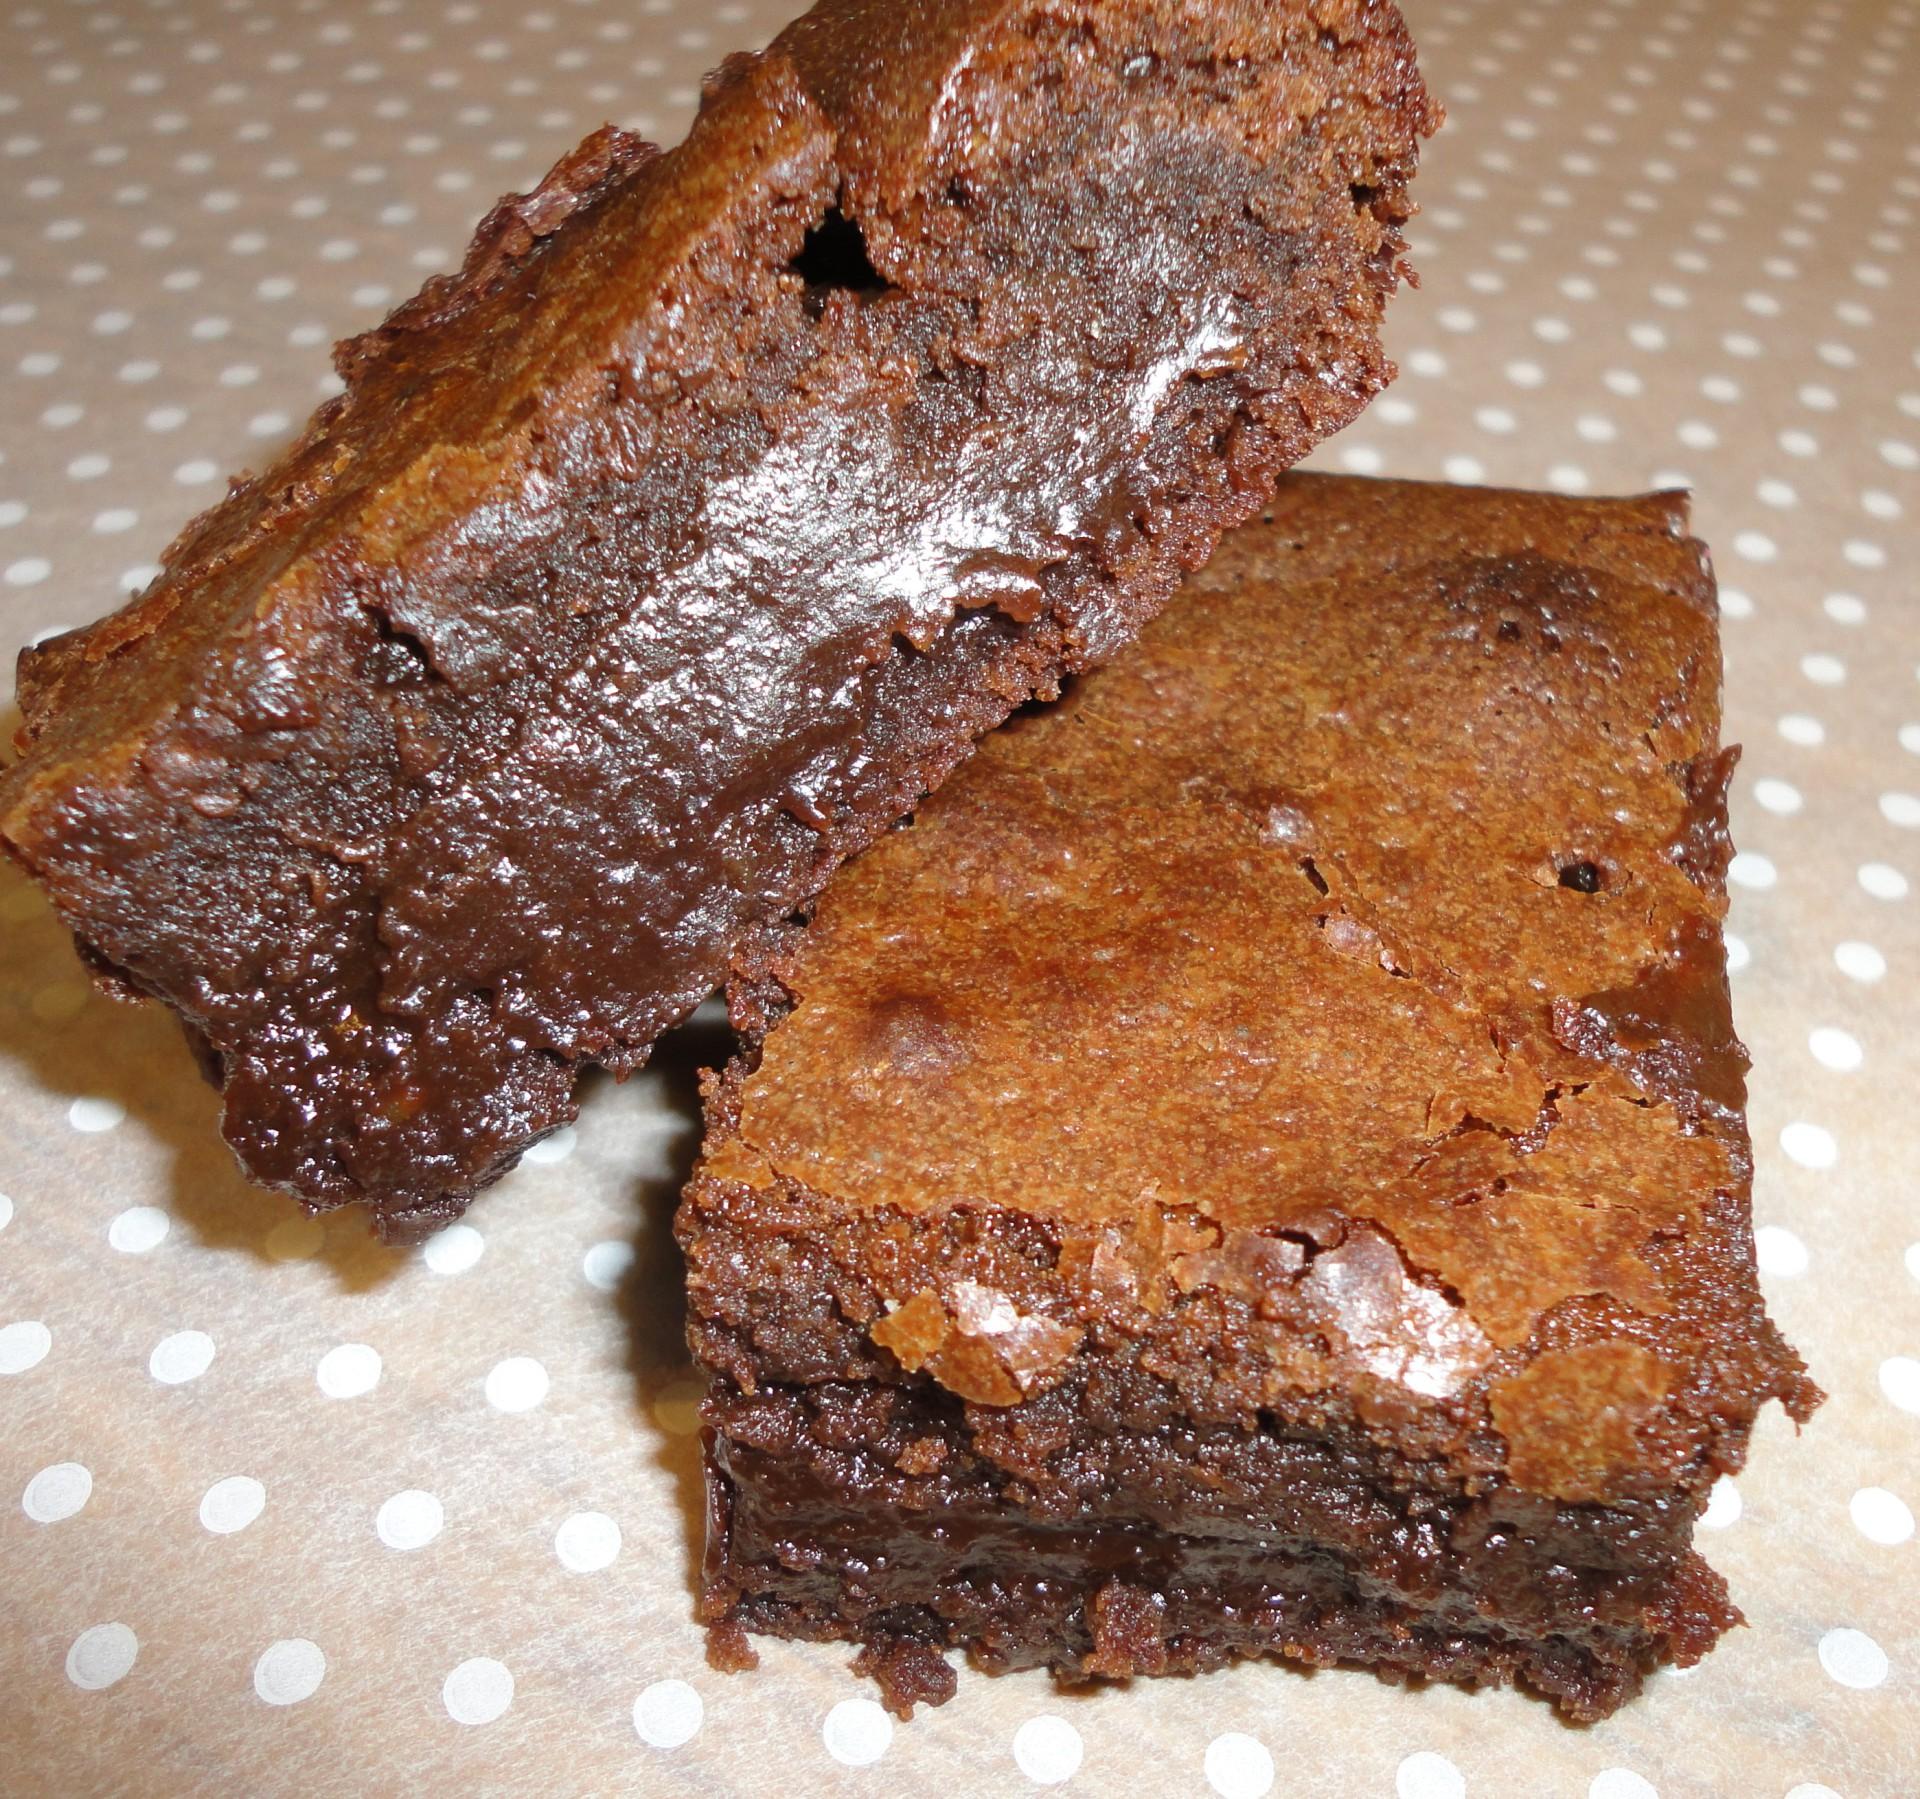 Welsh brownies